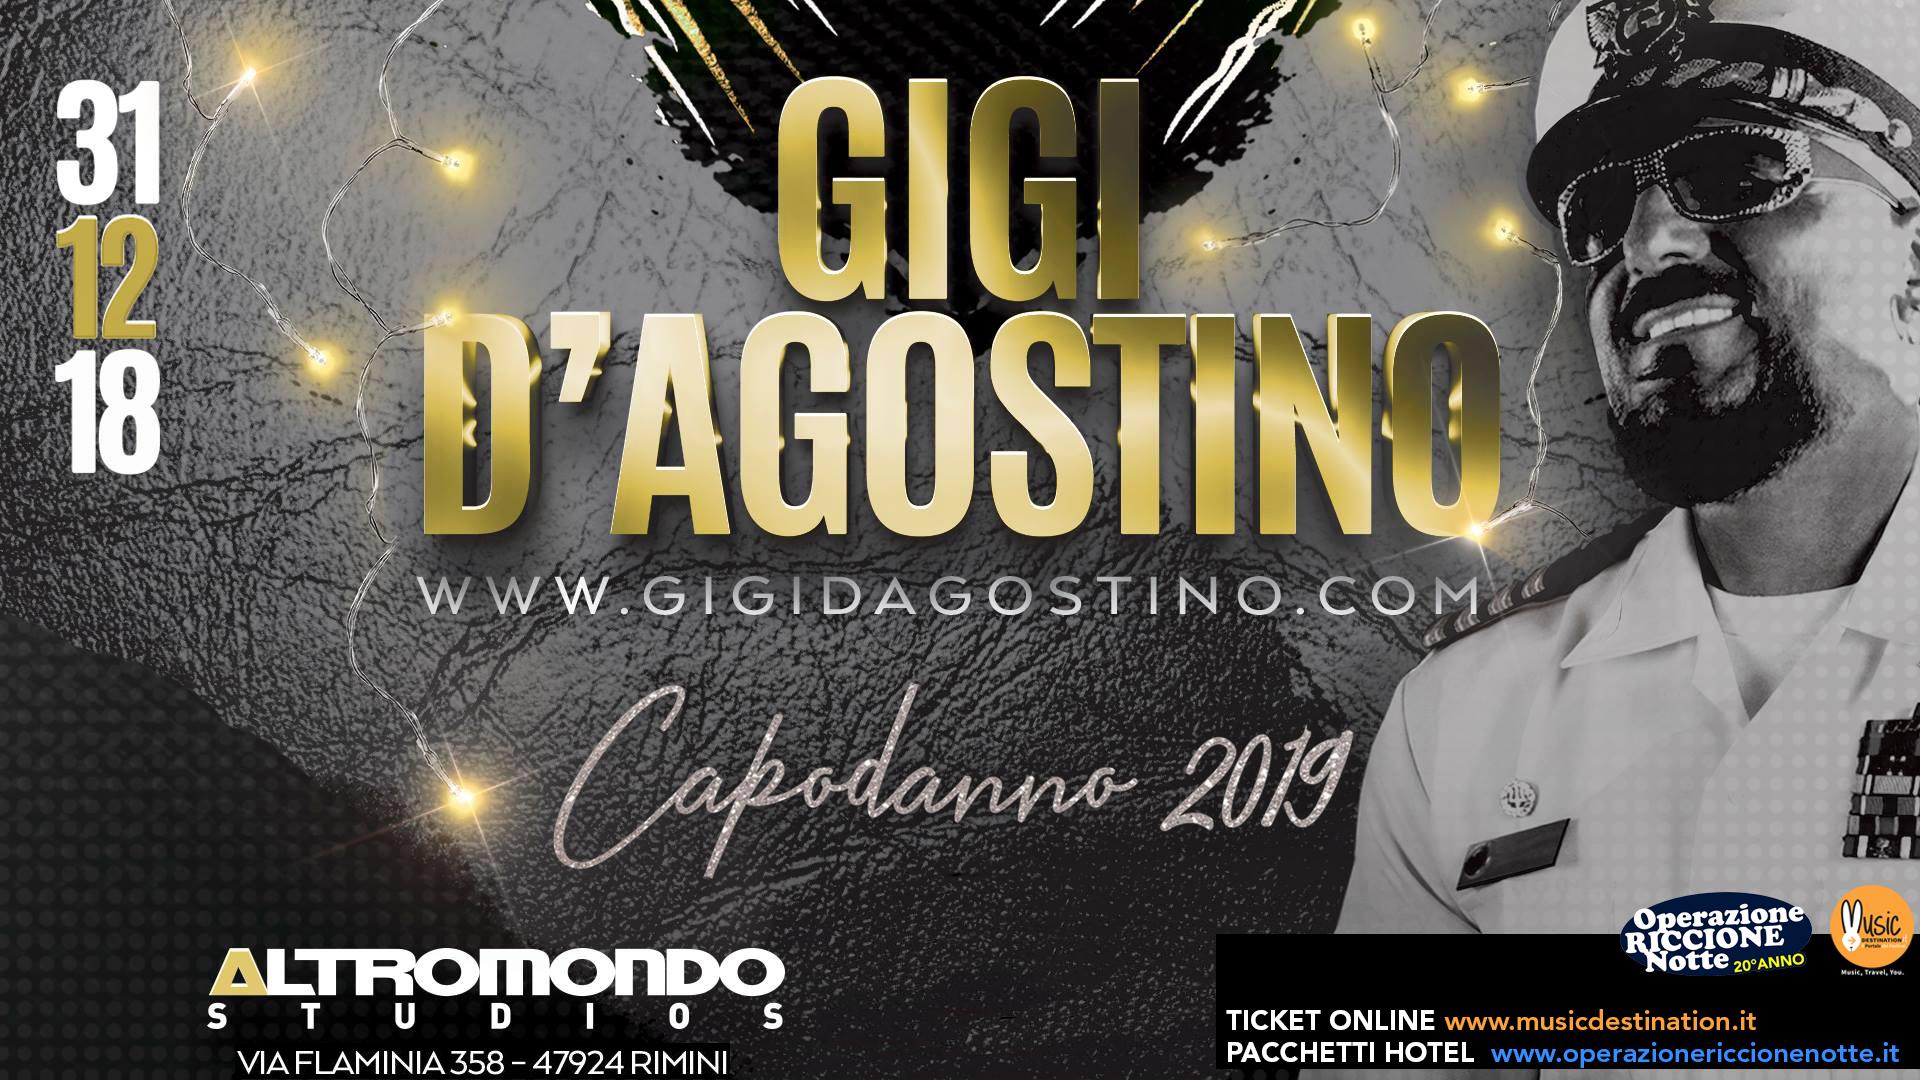 Capodanno 2019 Altromondo Studios Rimini Con Gigi D'agostino